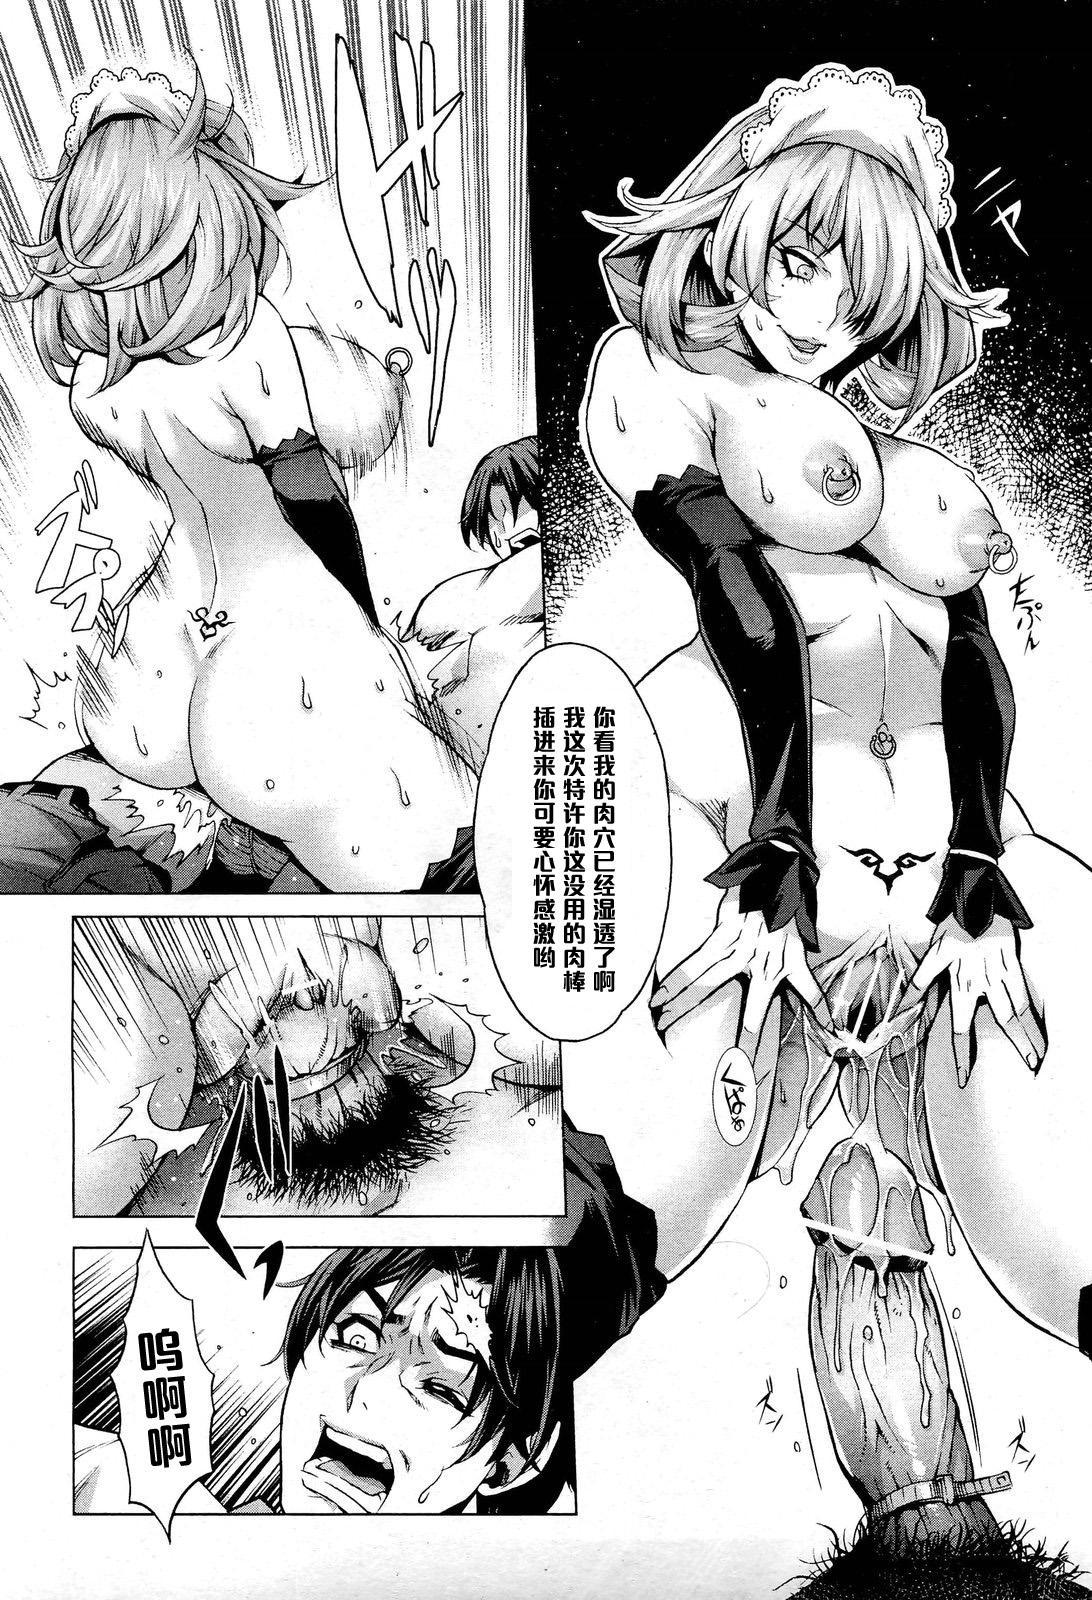 Koufuku no Daishou 20